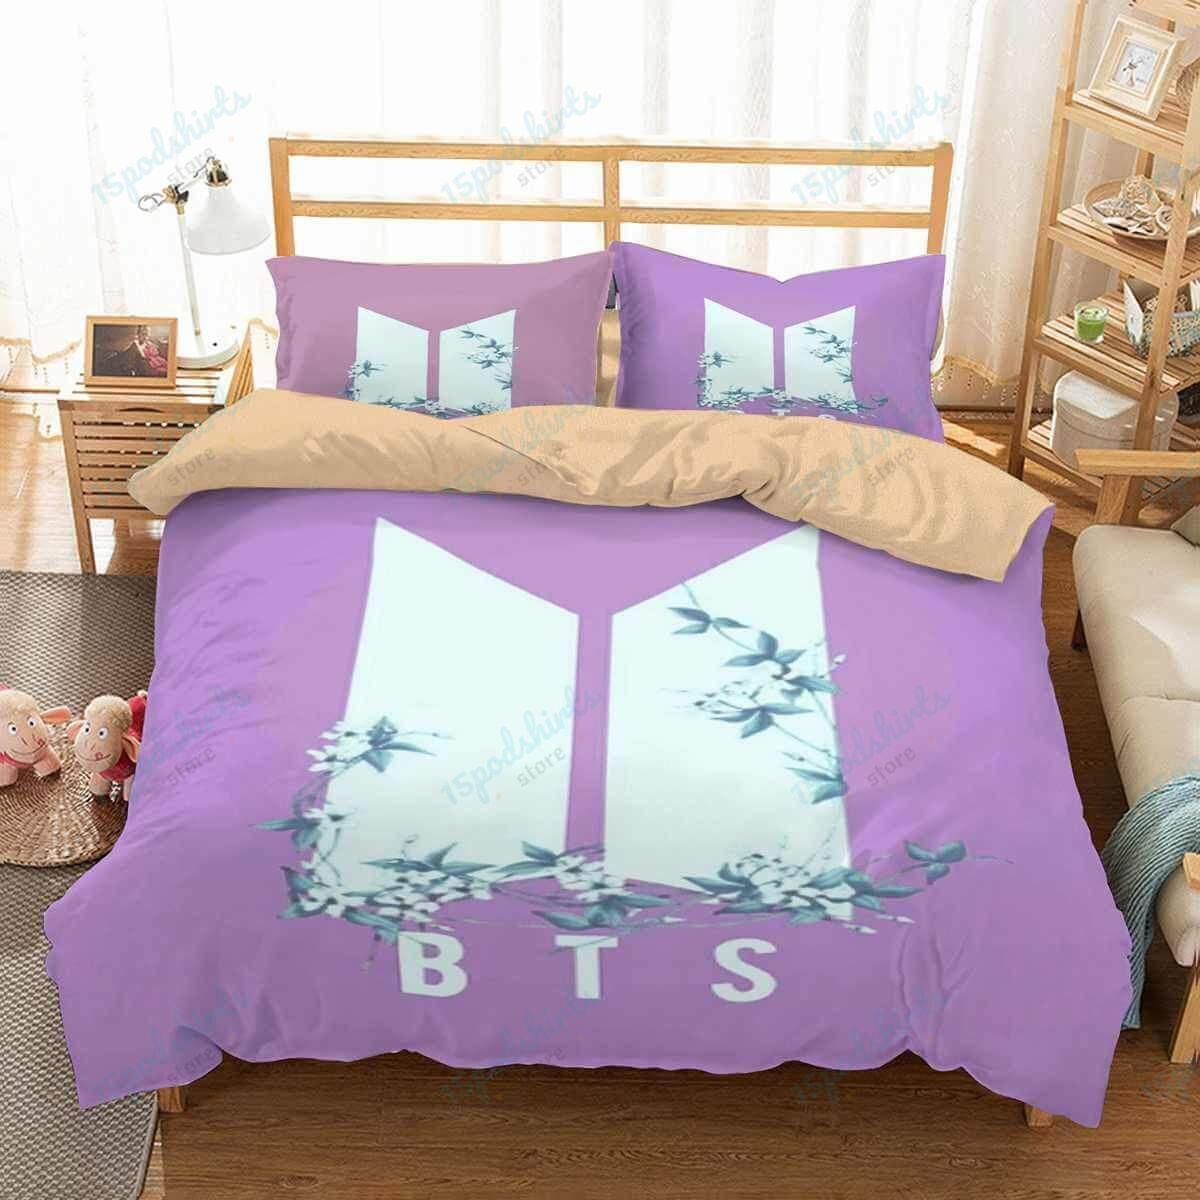 Bts 3 Duvet Cover Bedding Set